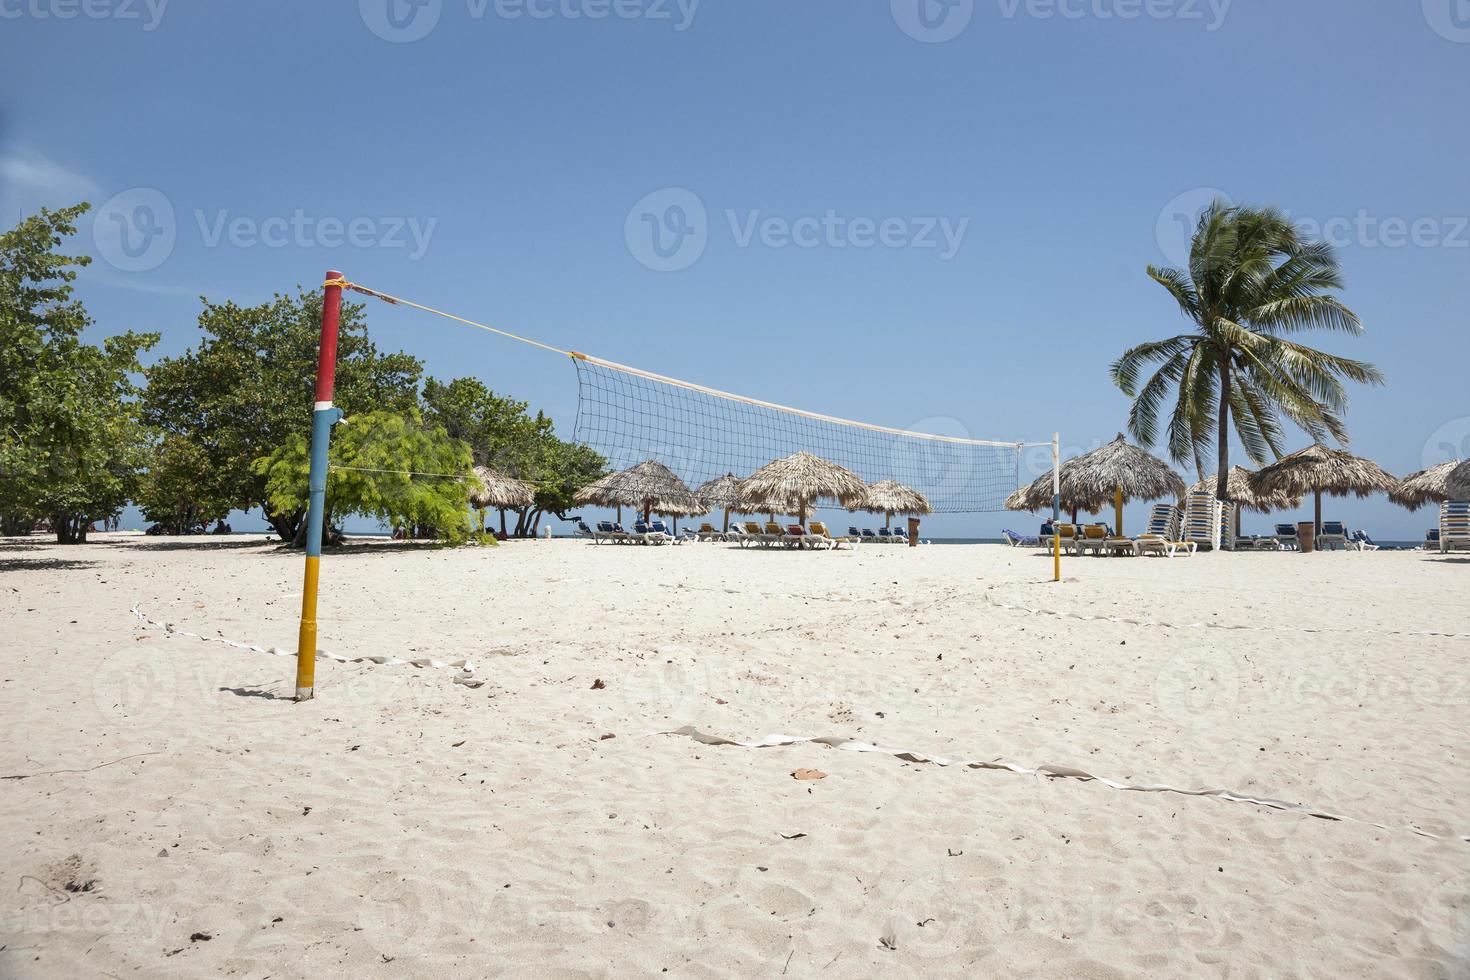 tropisch strandresort, Trinidad, Cuba. foto